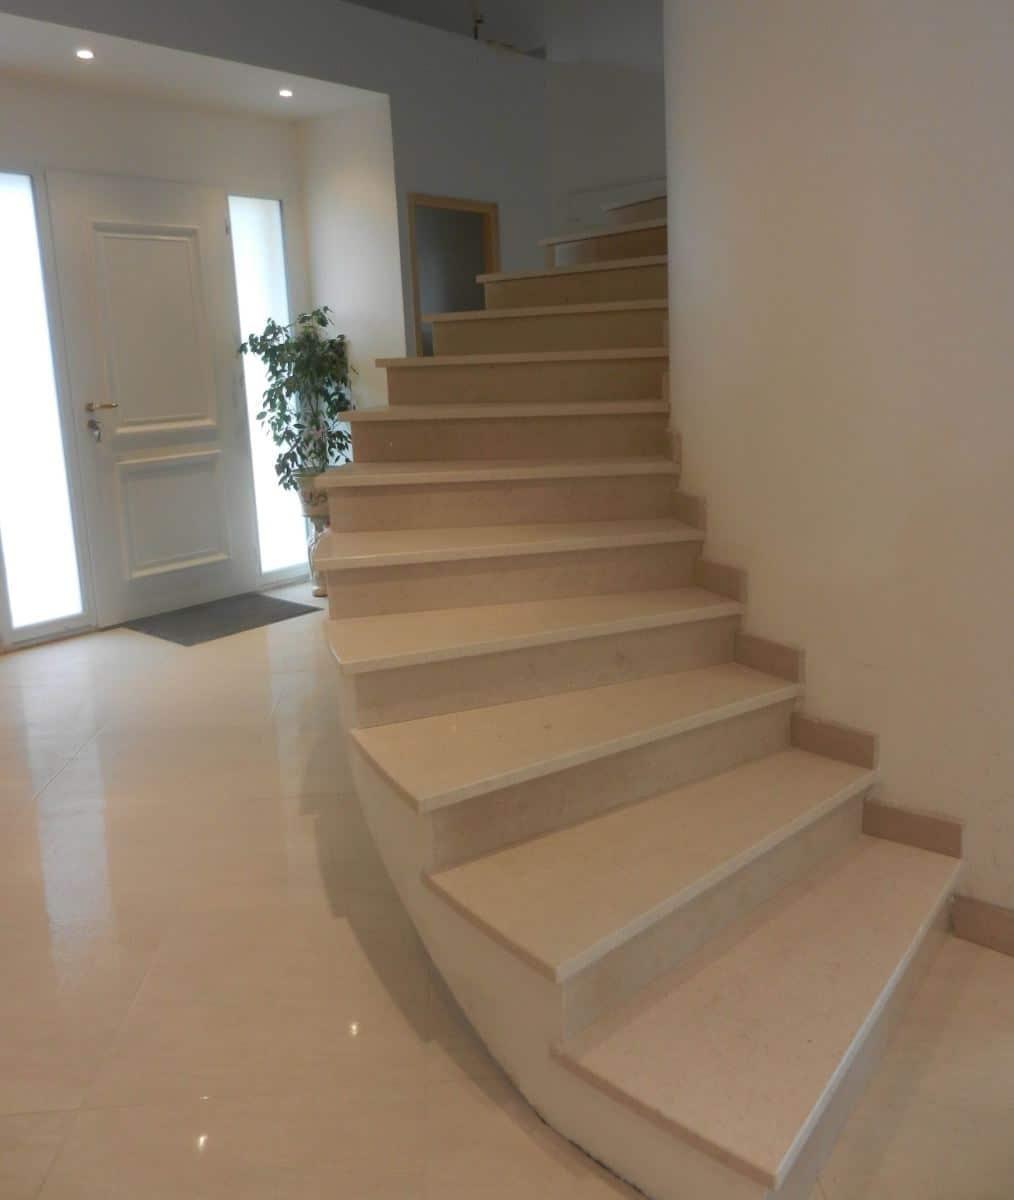 choisir l emplacement de son escalier int rieur pour les petits appartements blog decoration. Black Bedroom Furniture Sets. Home Design Ideas